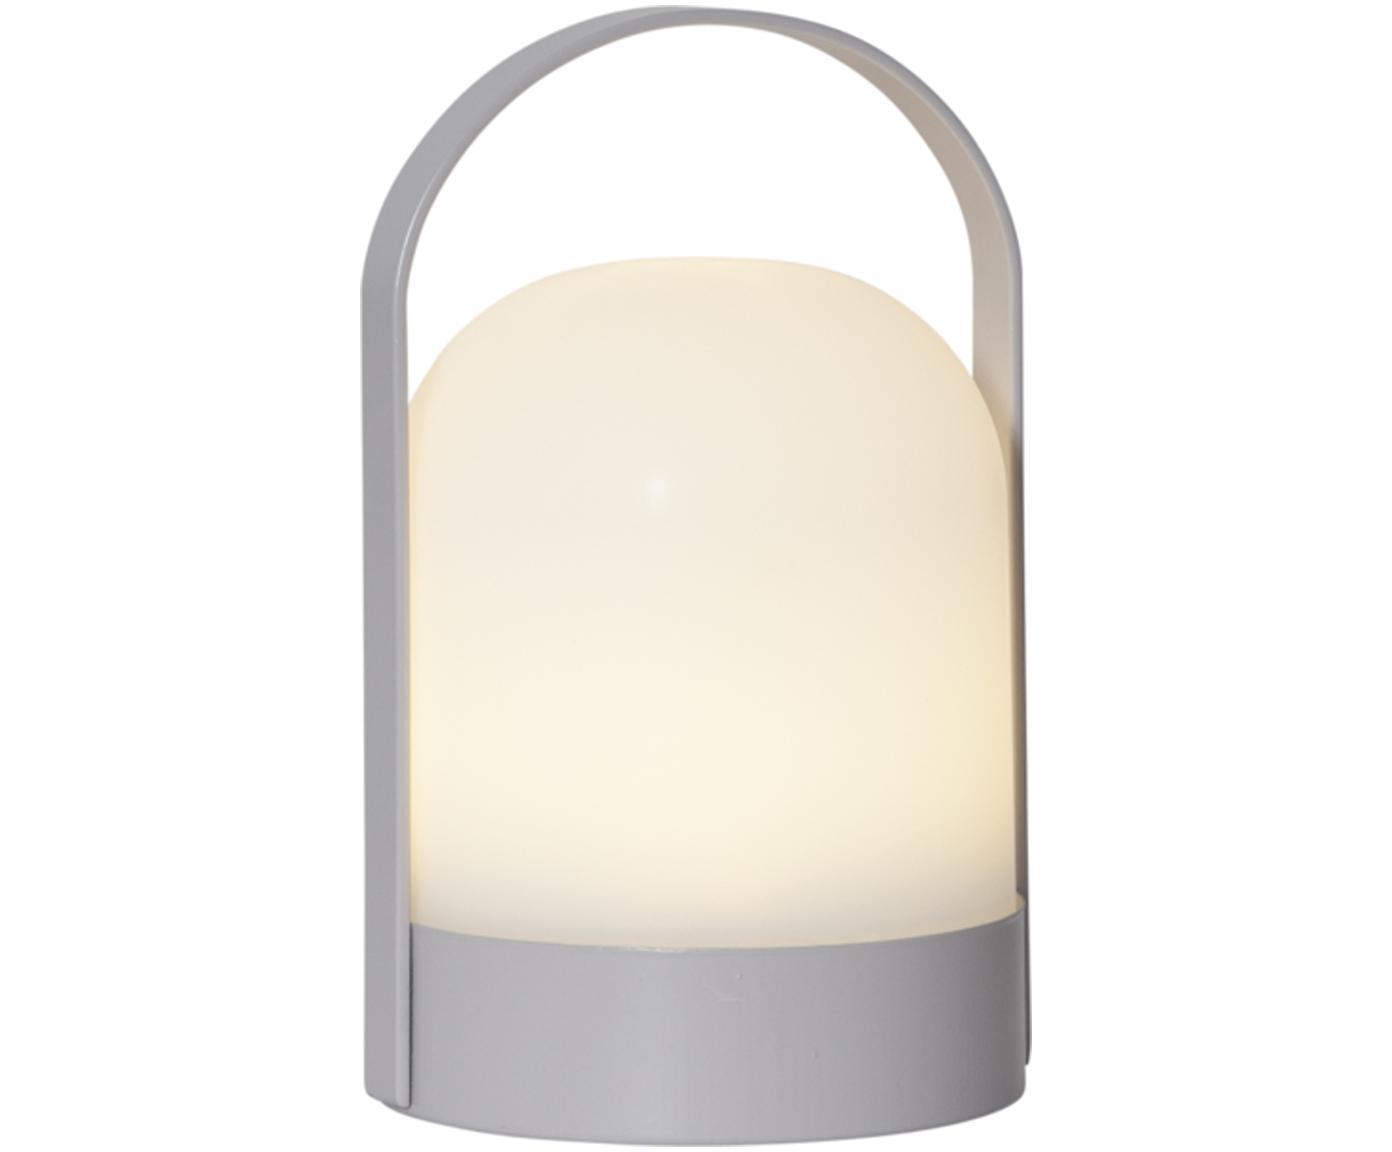 Lampada da tavolo Lette LED a batteria, Paralume: materiale sintetico, Bianco, grigio, Ø 14 x Alt. 22 cm